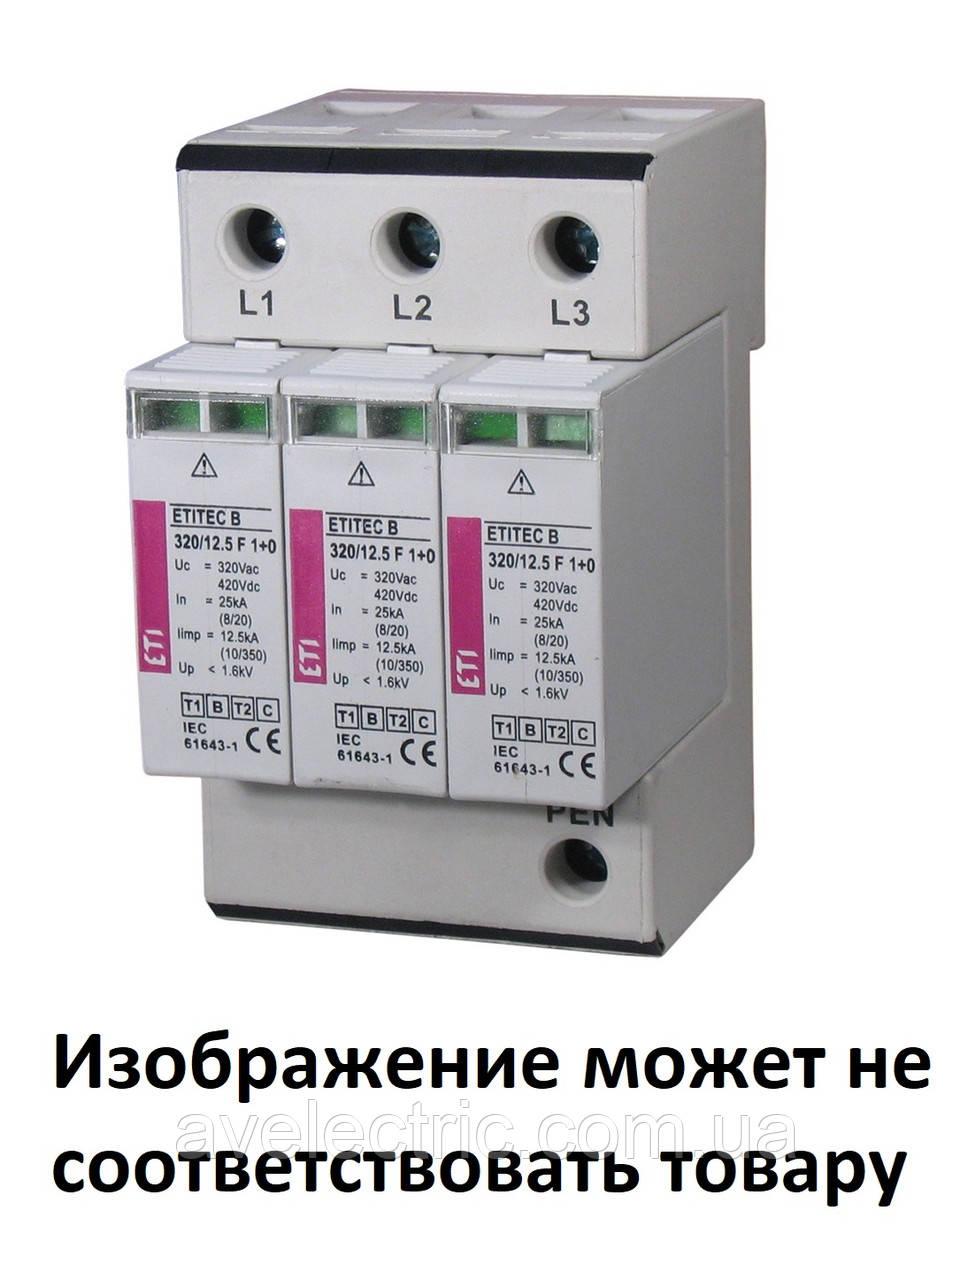 Ограничитель перенапряжения ETITEC B T12 275/12,5 (1+1) 2p, RC